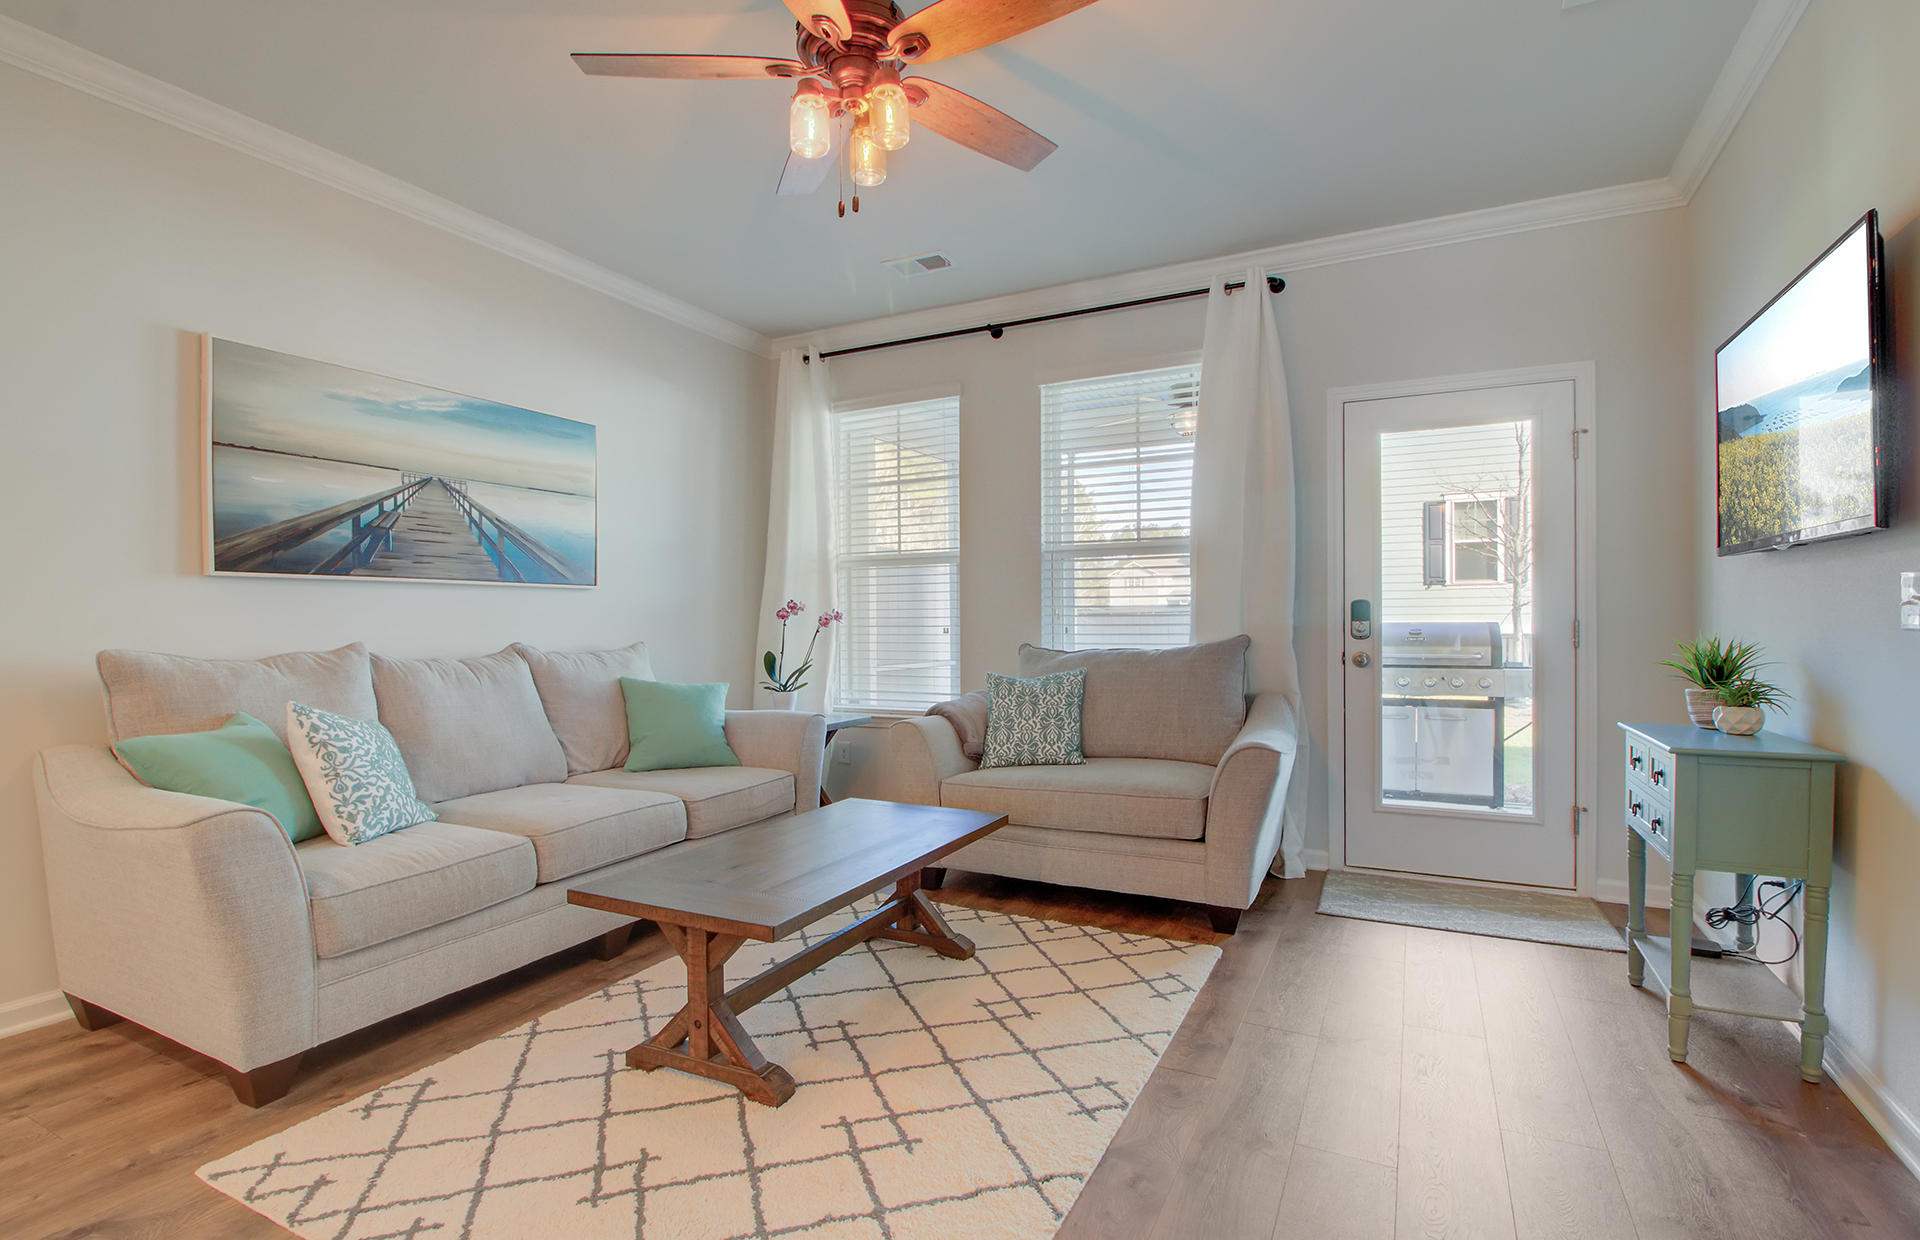 Park West Homes For Sale - 2569 Kingsfield, Mount Pleasant, SC - 20